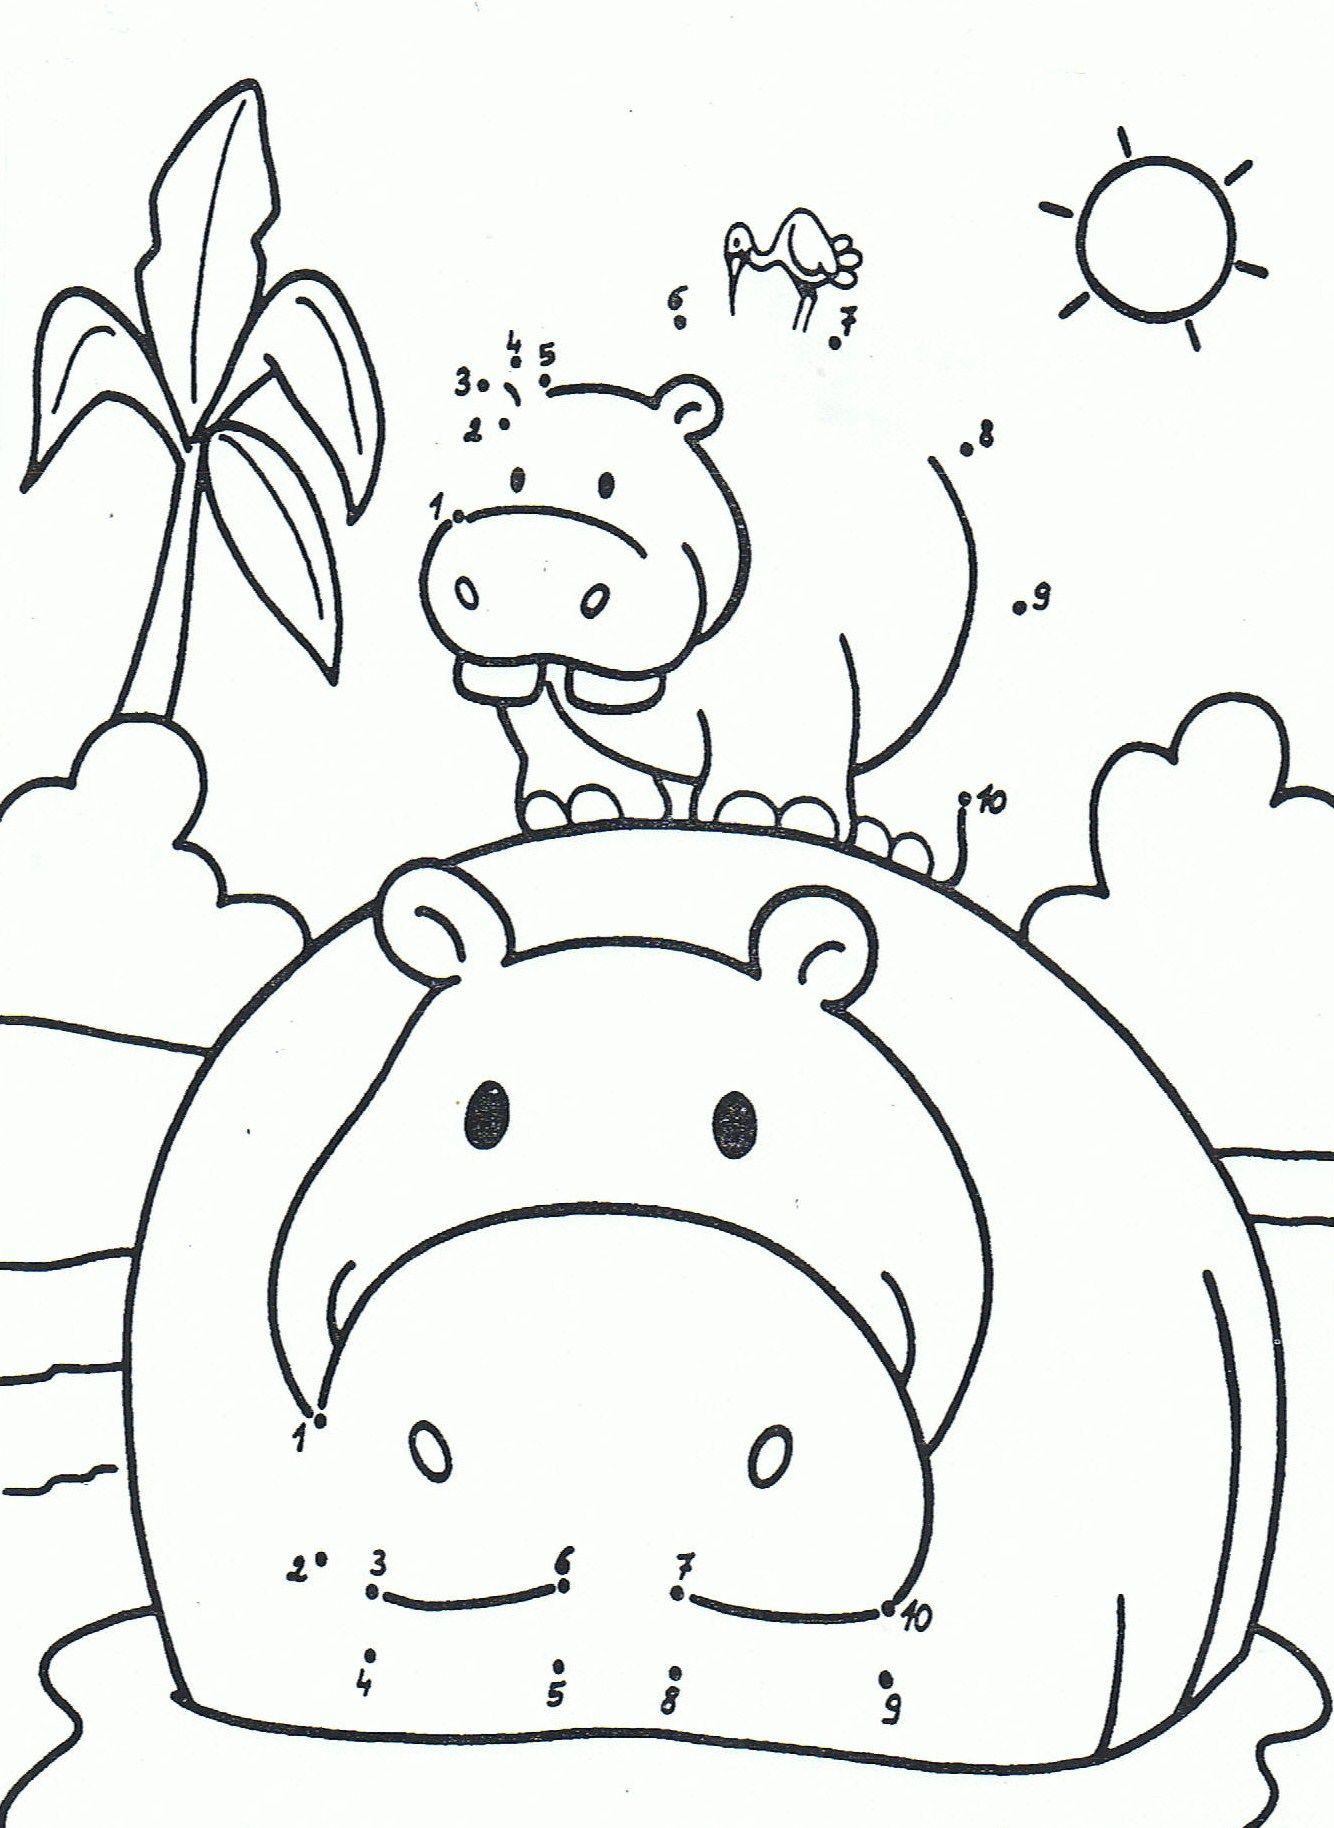 Kleurplaat Van Een Nijlpaard 1 10